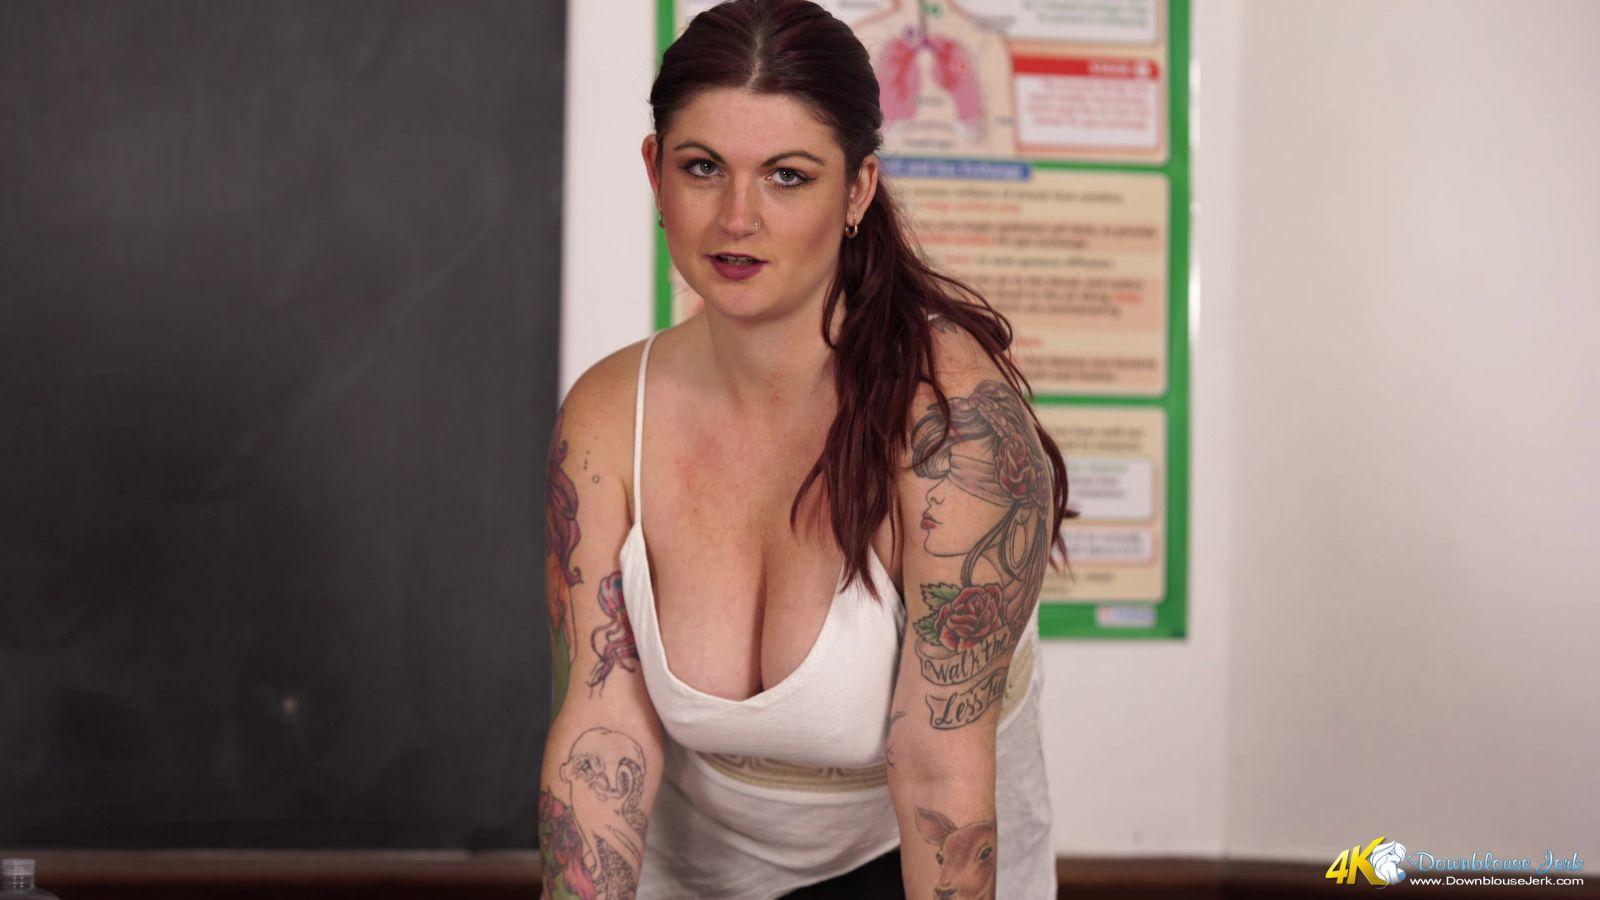 Miss Selene ist ein bisschen auf den Mollige-Seite, und Sie liebt es nackt zu sein